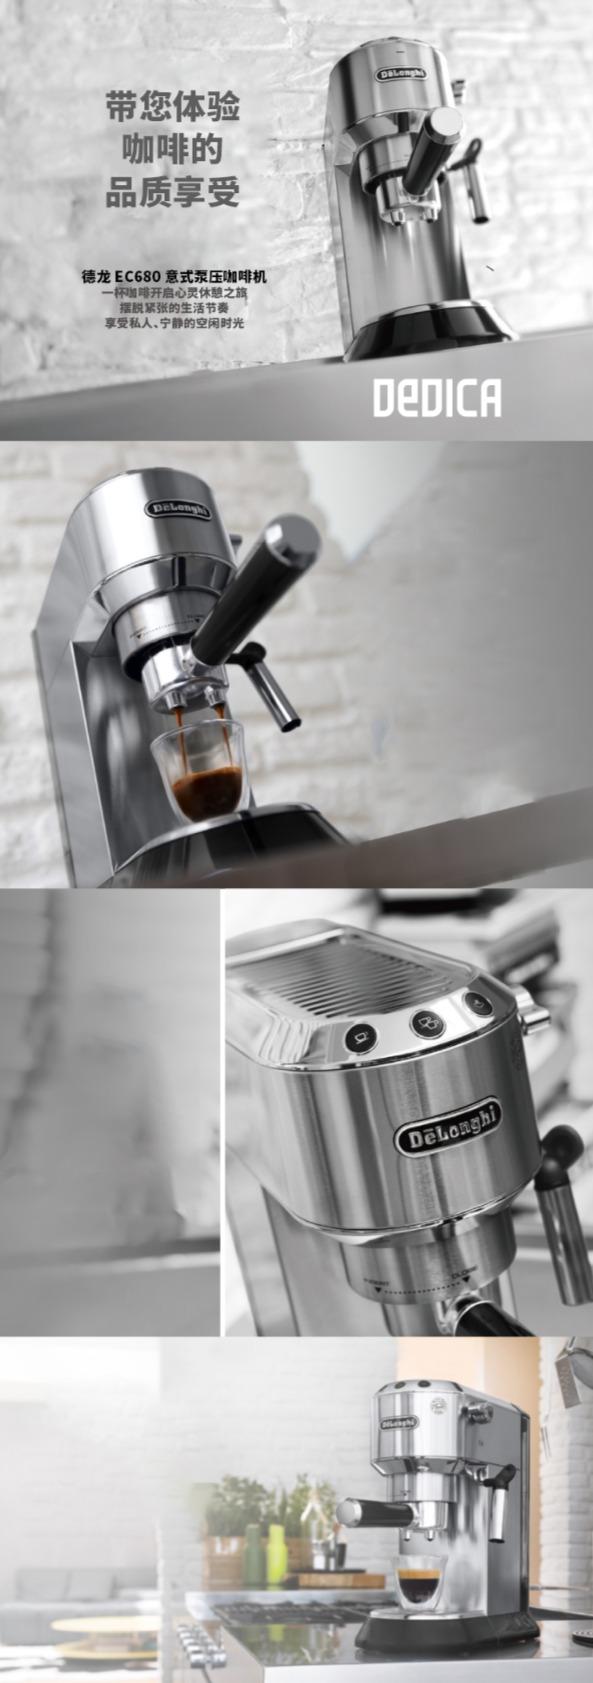 DeLonghi 德龙 EC680 Dedica 超薄机身 泵压式咖啡机6.5折 246.99加元包邮!